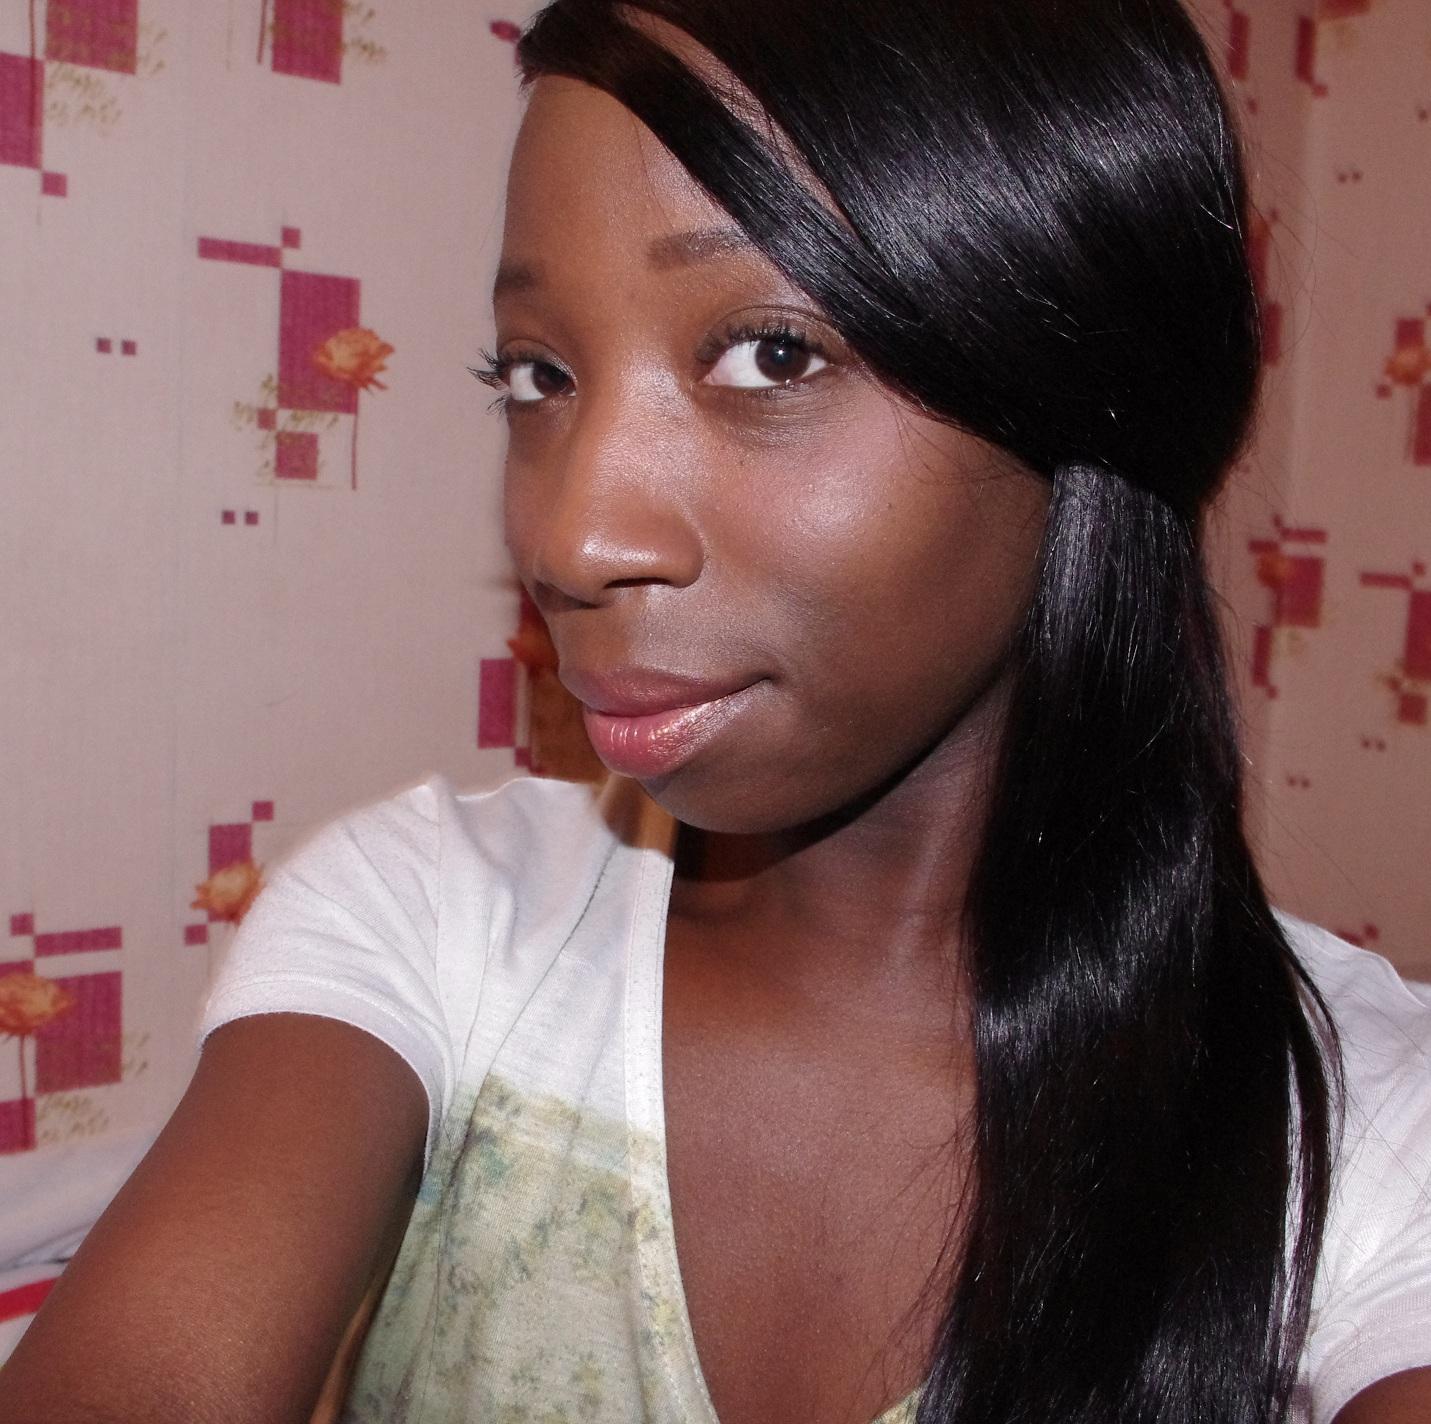 Ladylunna: Ordonnance beauté pour peaux noires ou métissés